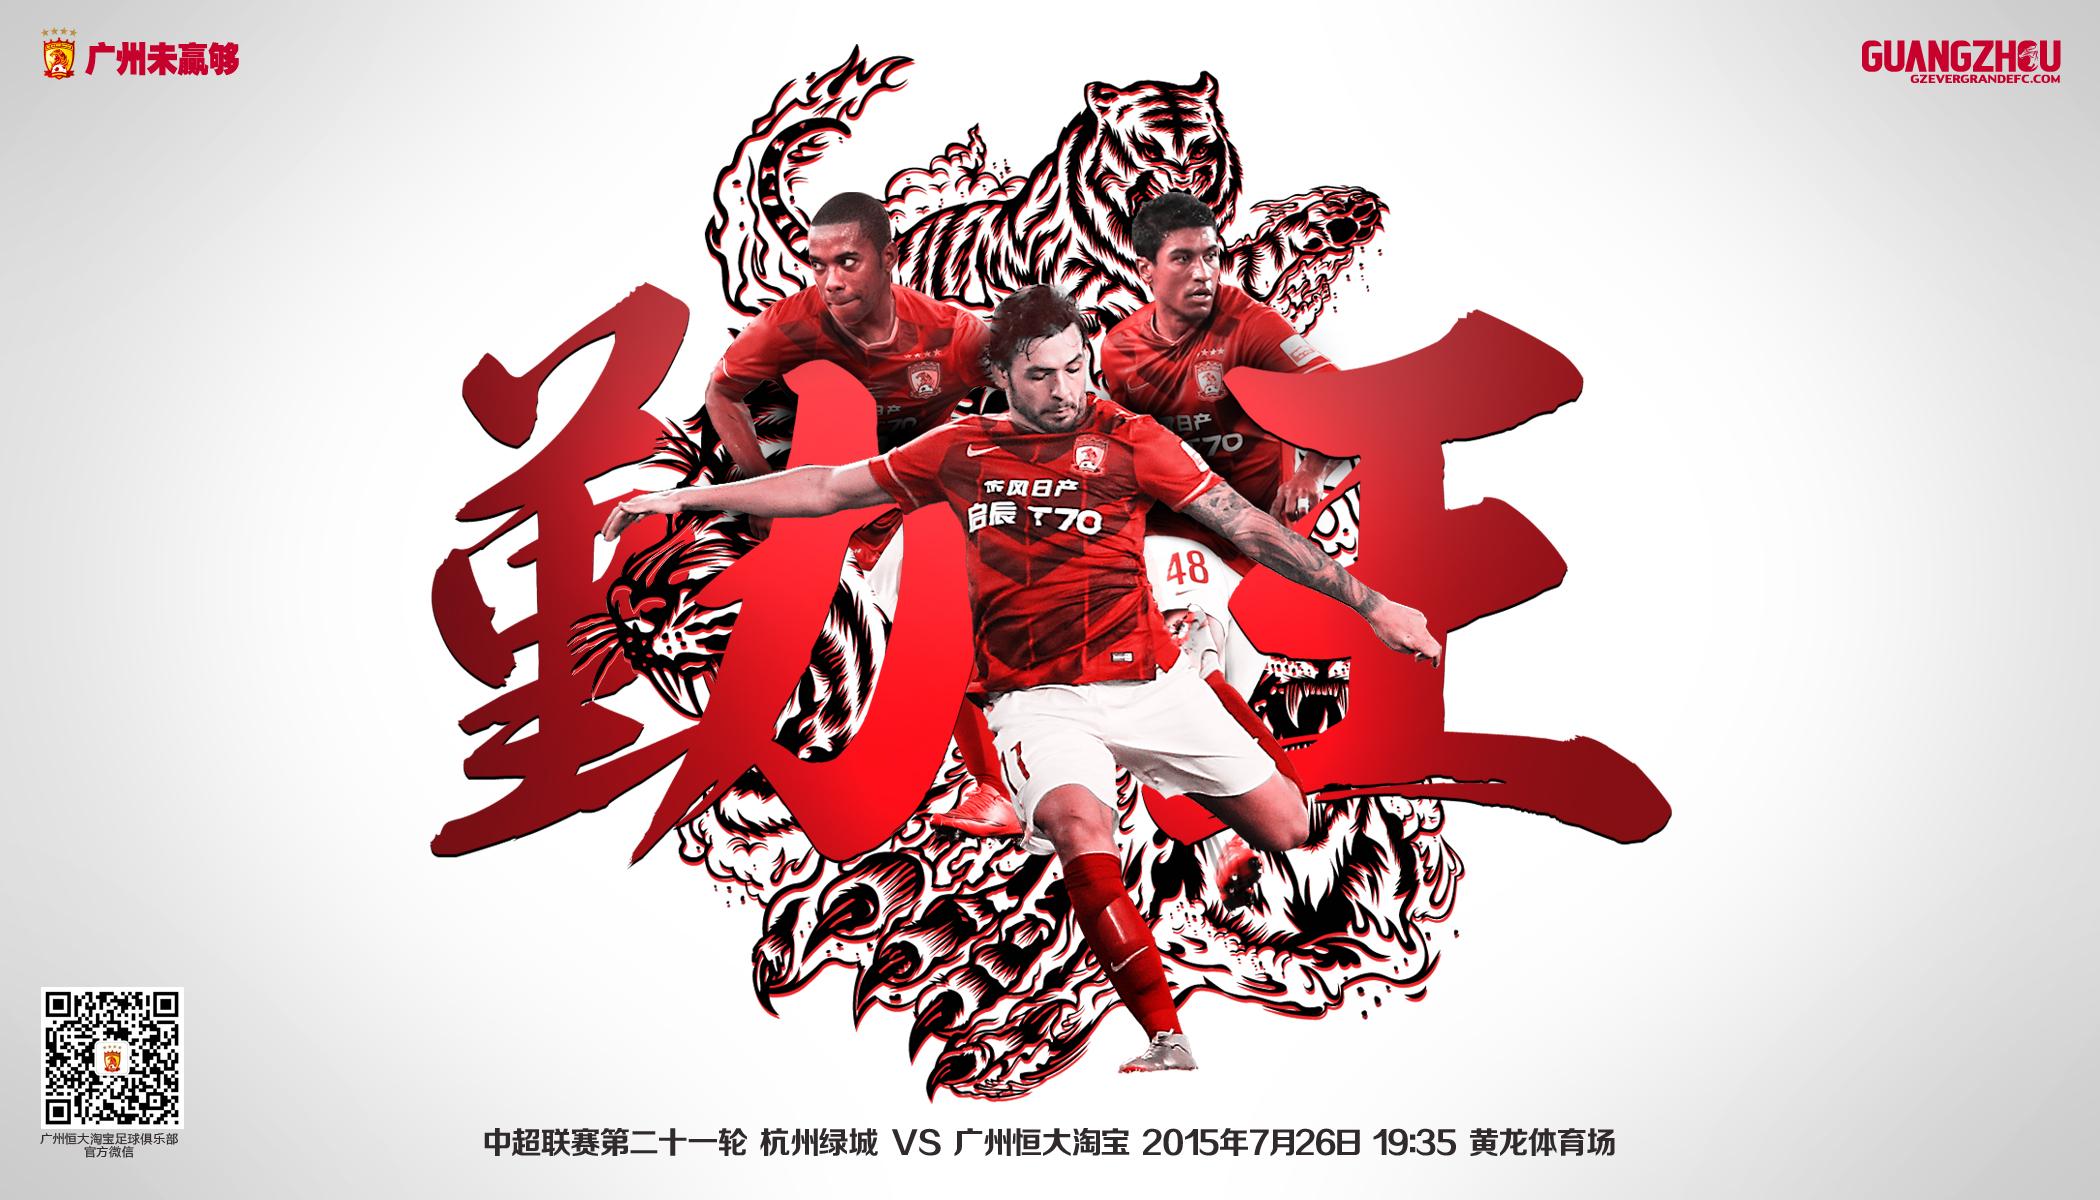 中国足球甲级联赛 白云山足球_广西足球超级联赛_足球联赛海报